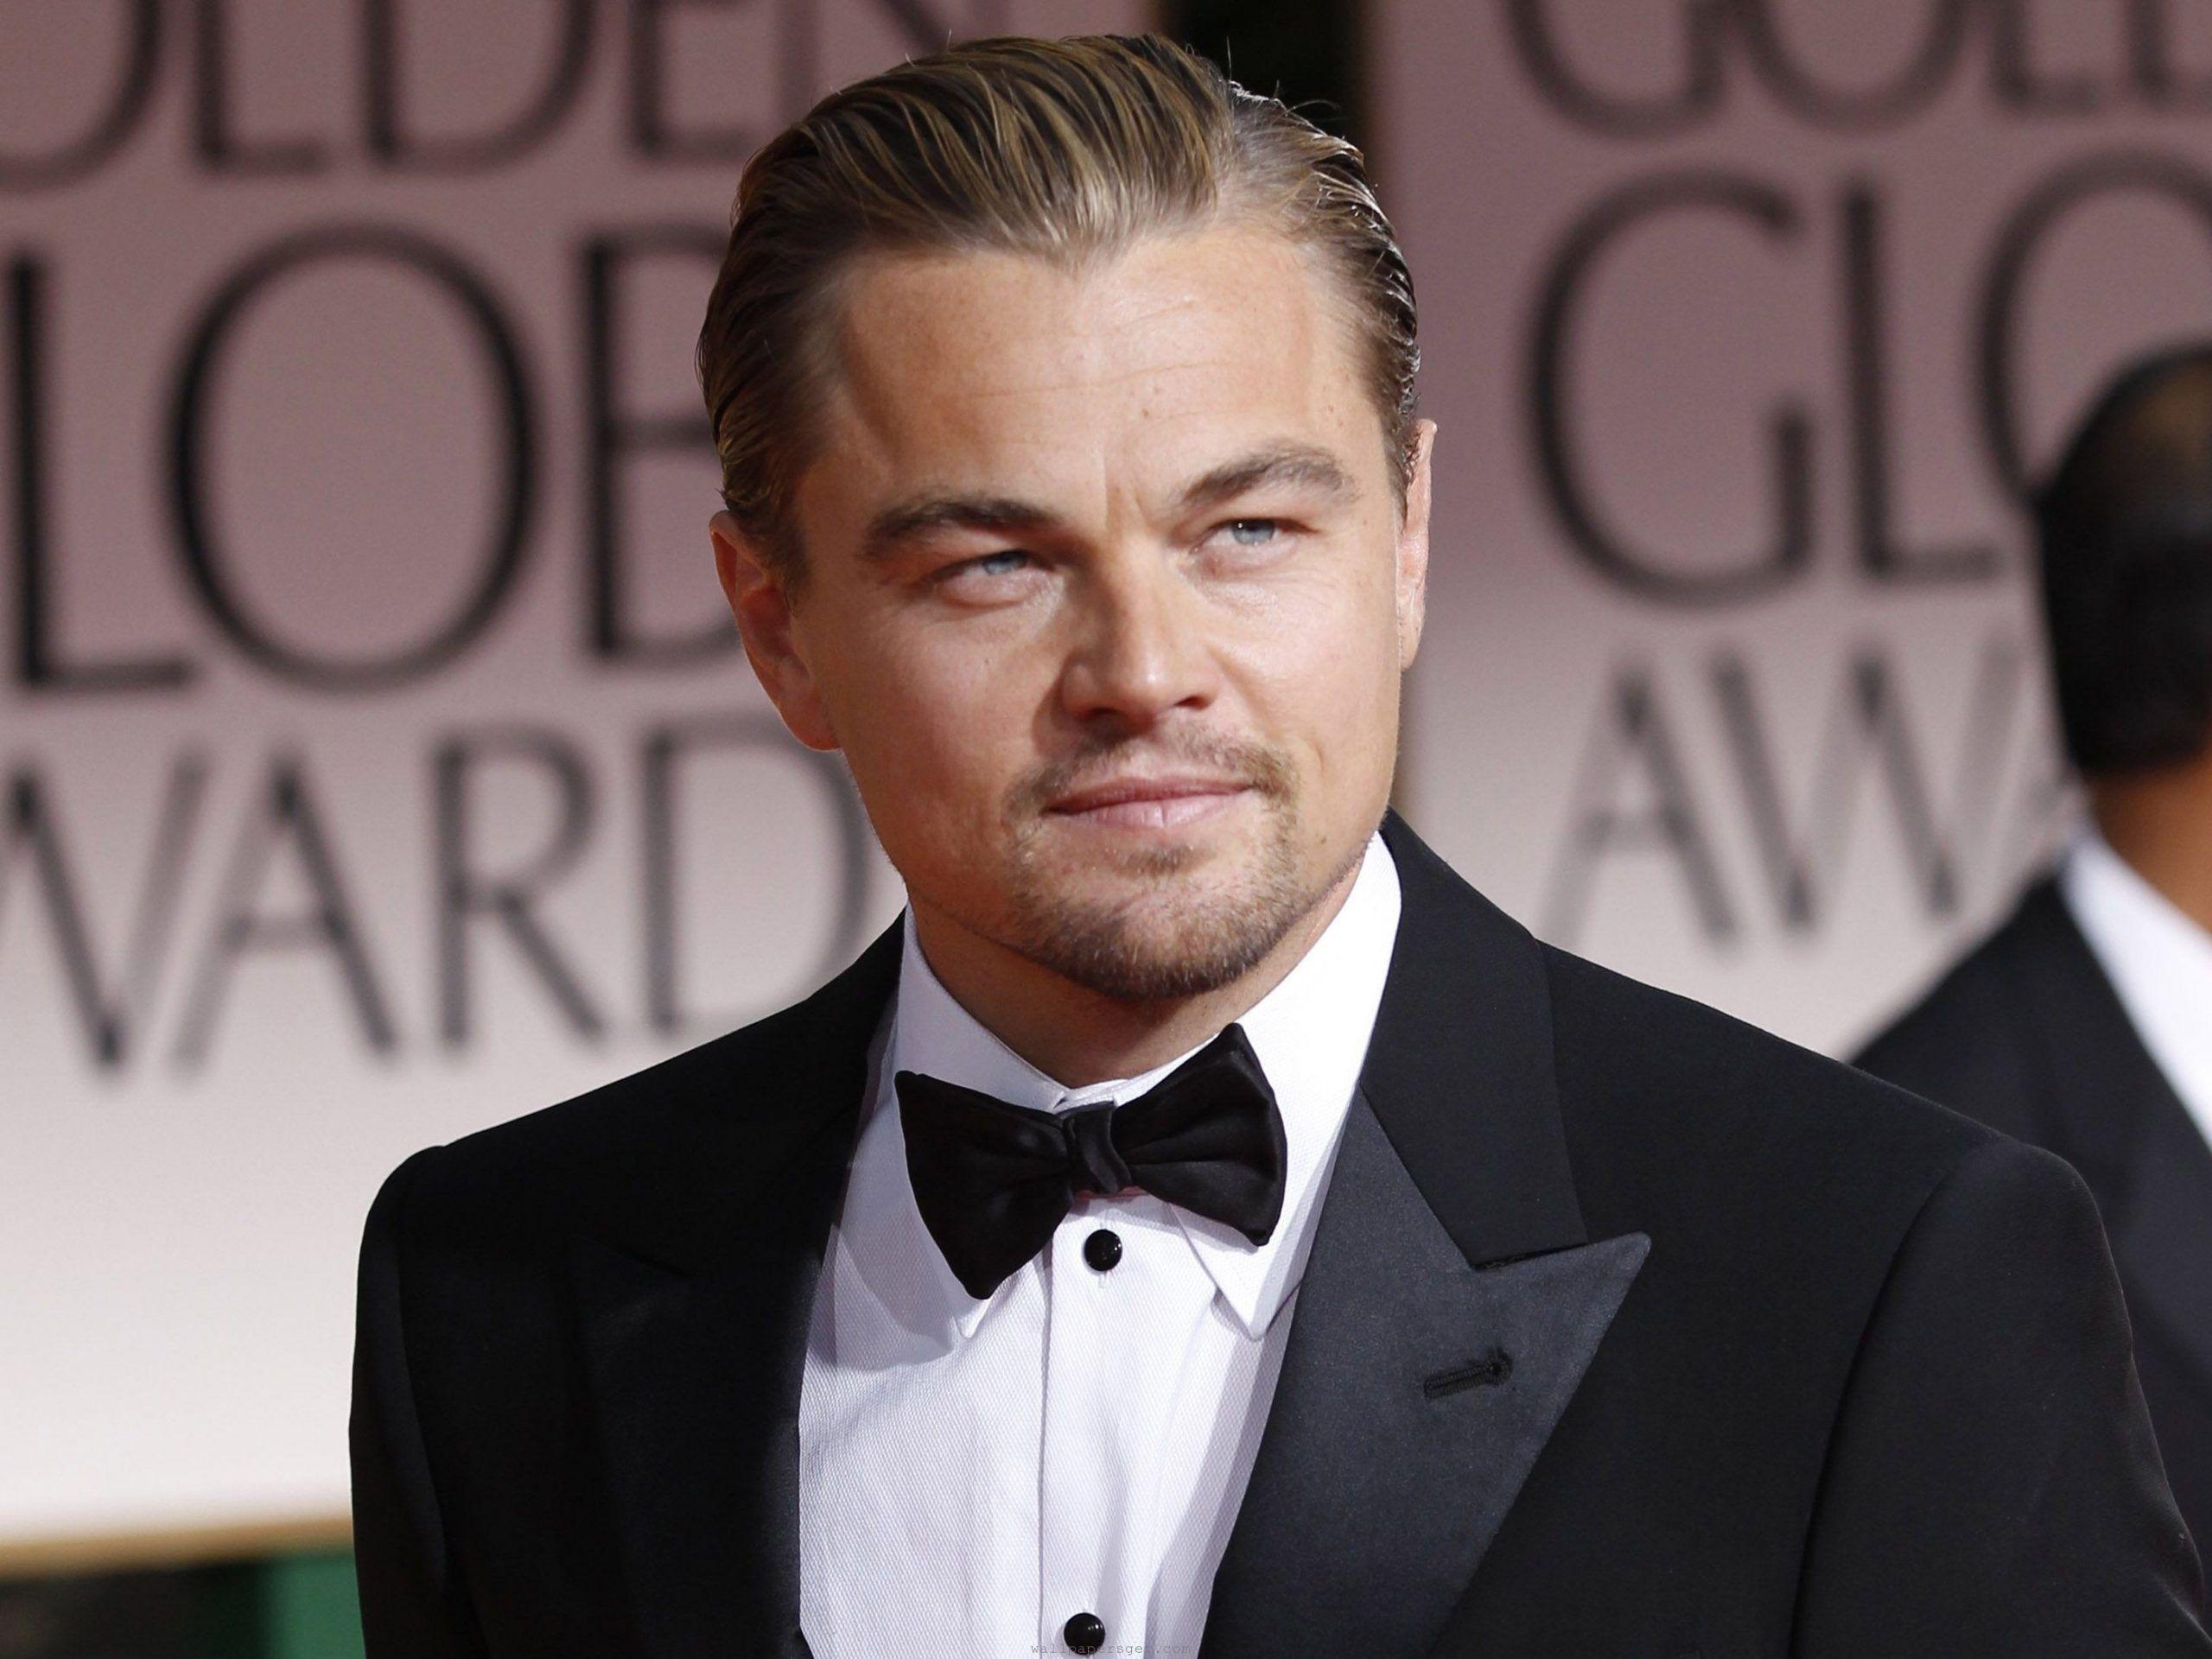 Leonardo DiCaprio e Rihanna non stanno insieme: arriva la smentita del portavoce dell'attore